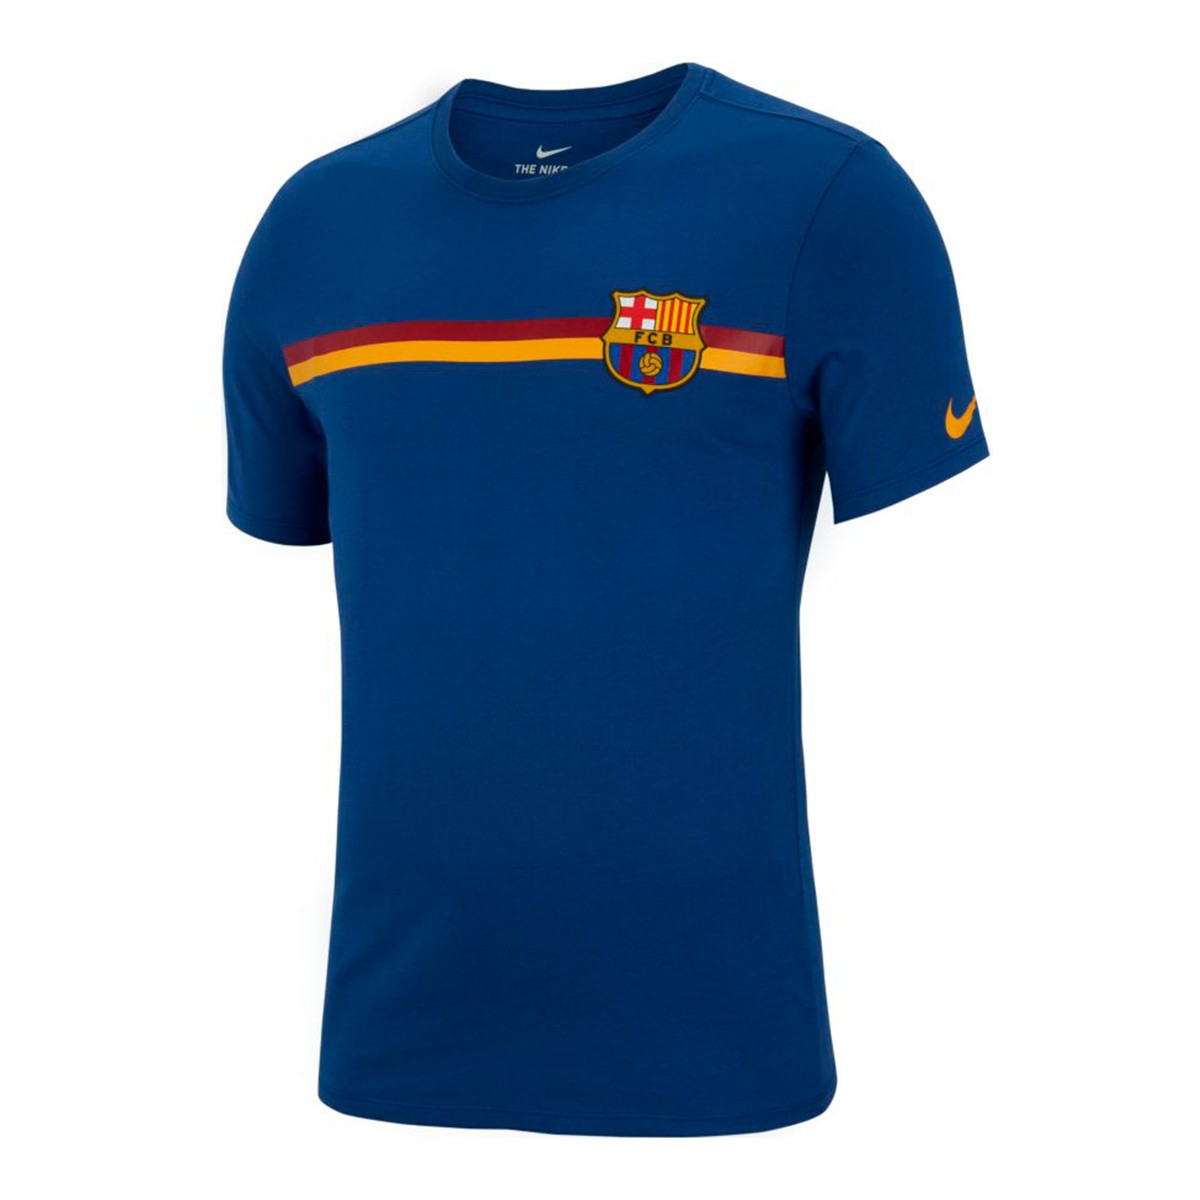 Jersey Nike FC Barcelona 2018-2019 Deep royal blue - Football store ... ea1a239a382